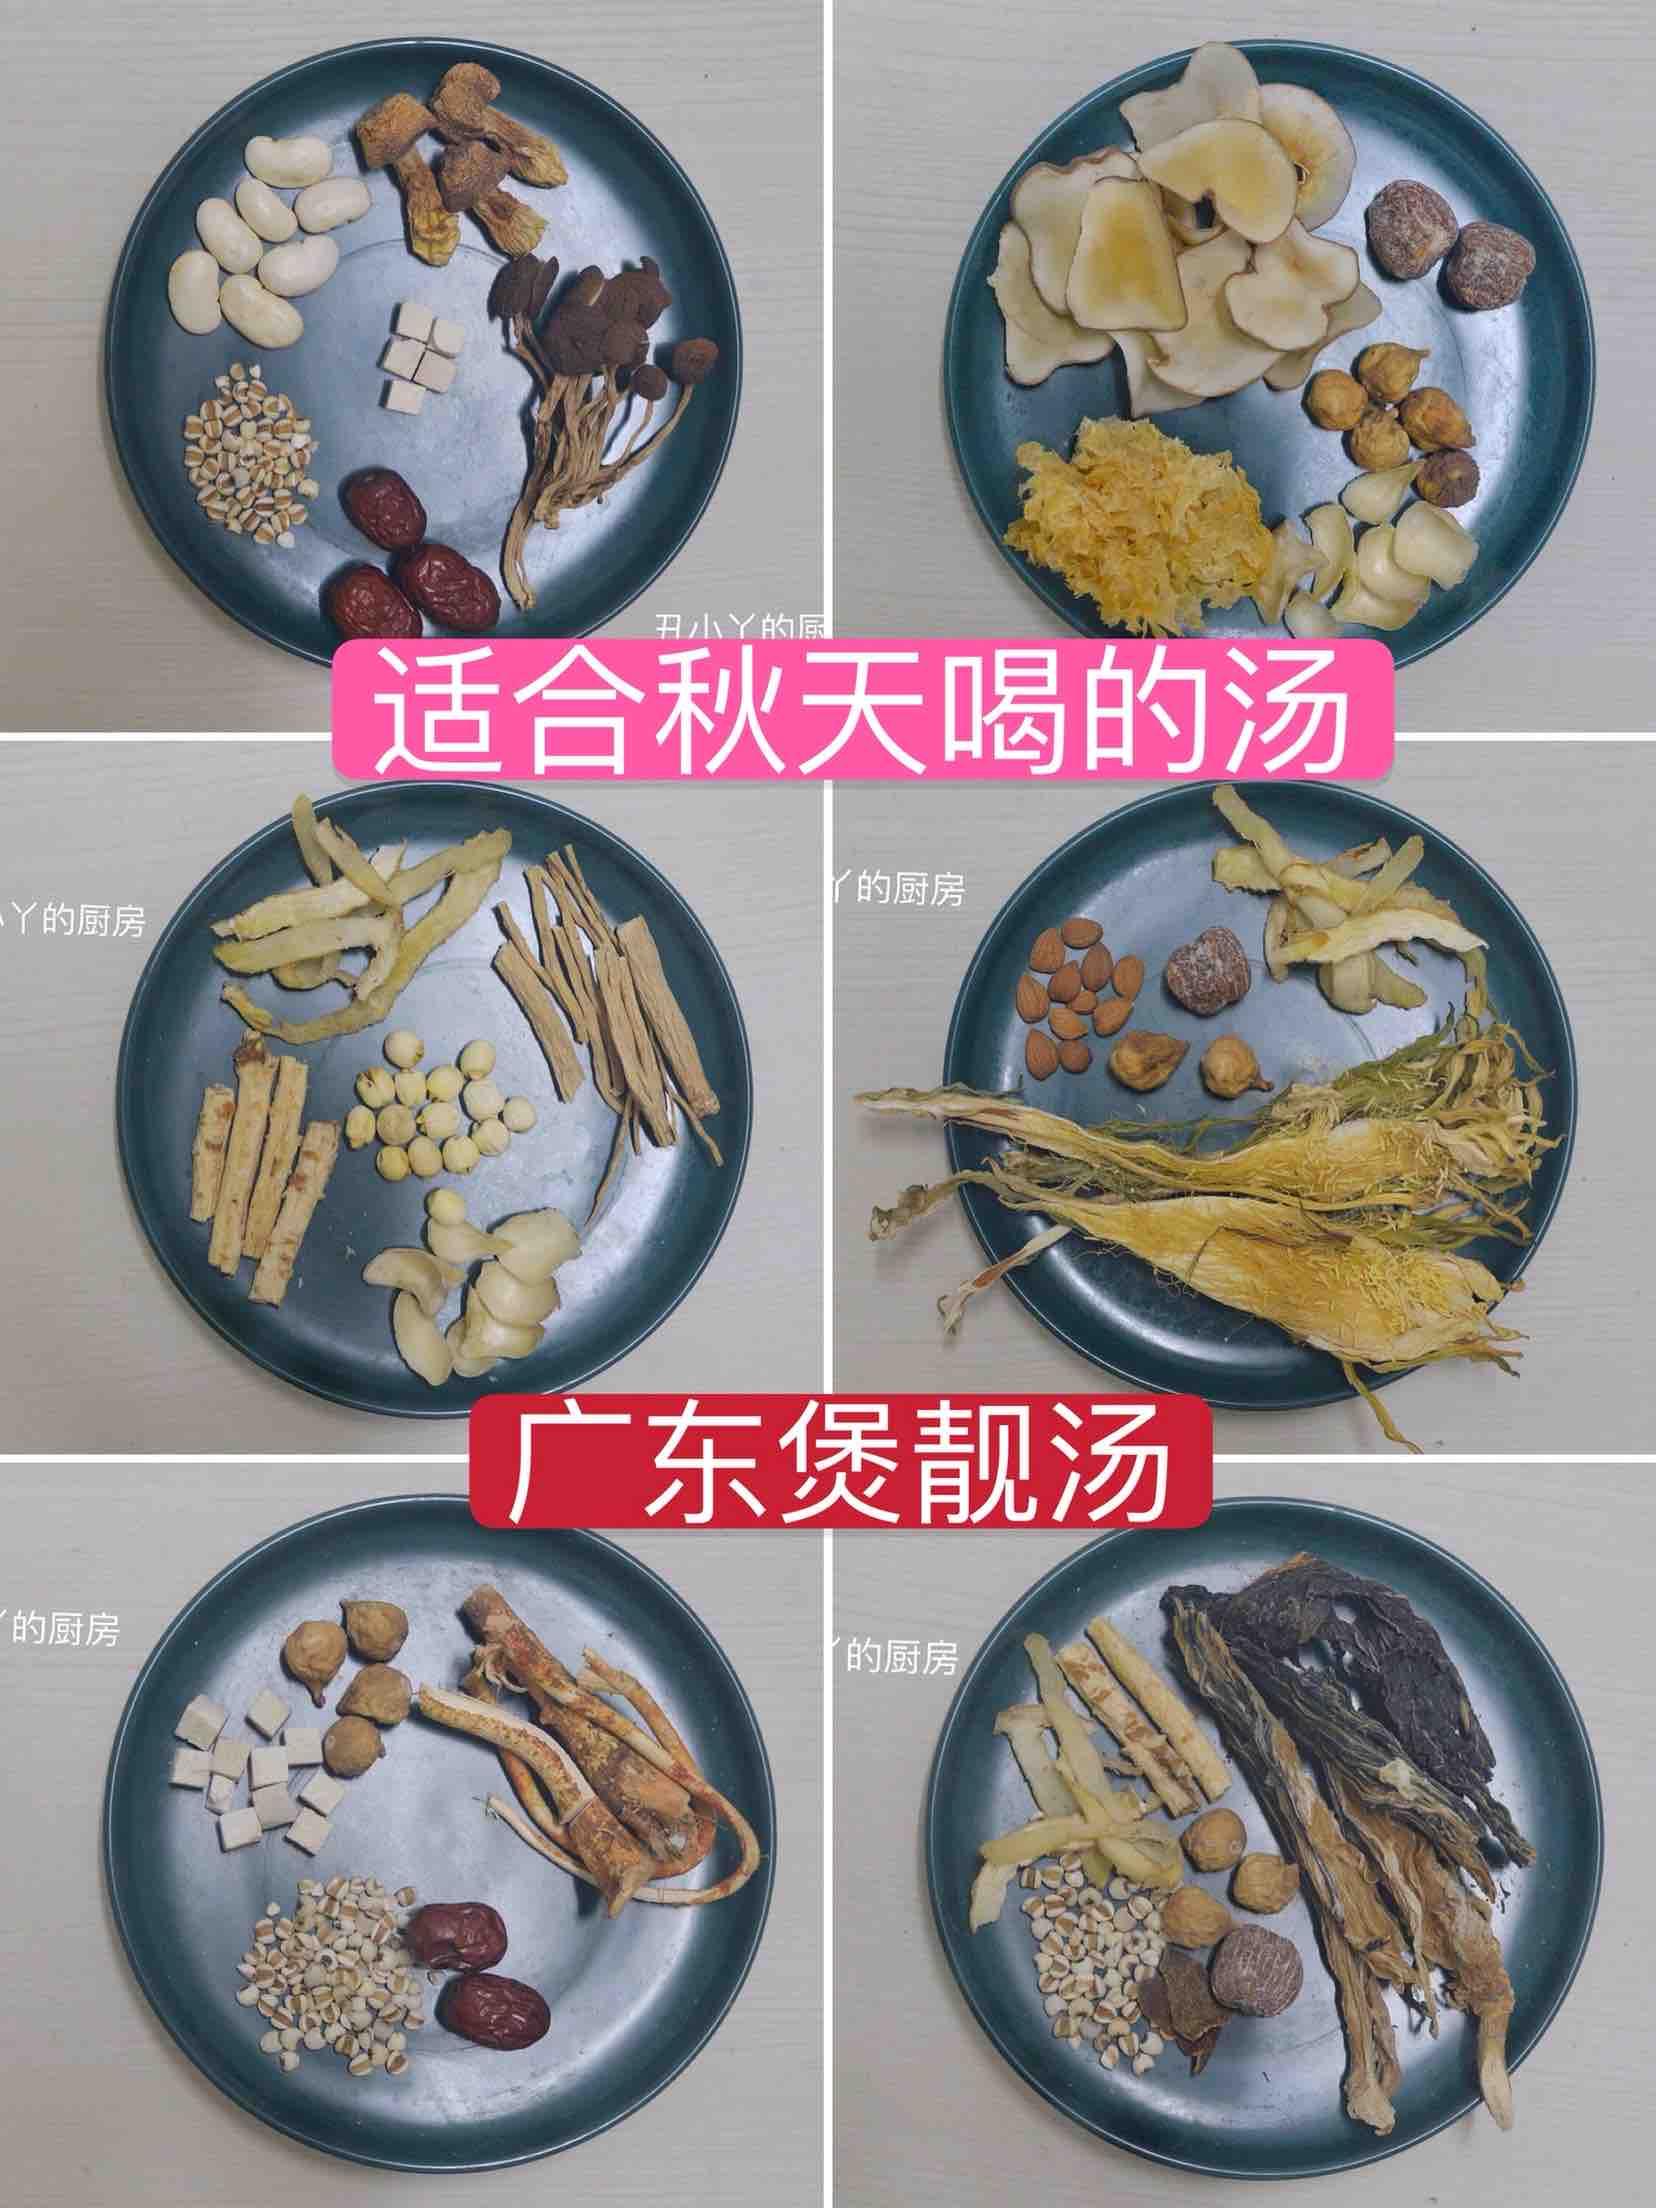 广东煲汤料理包